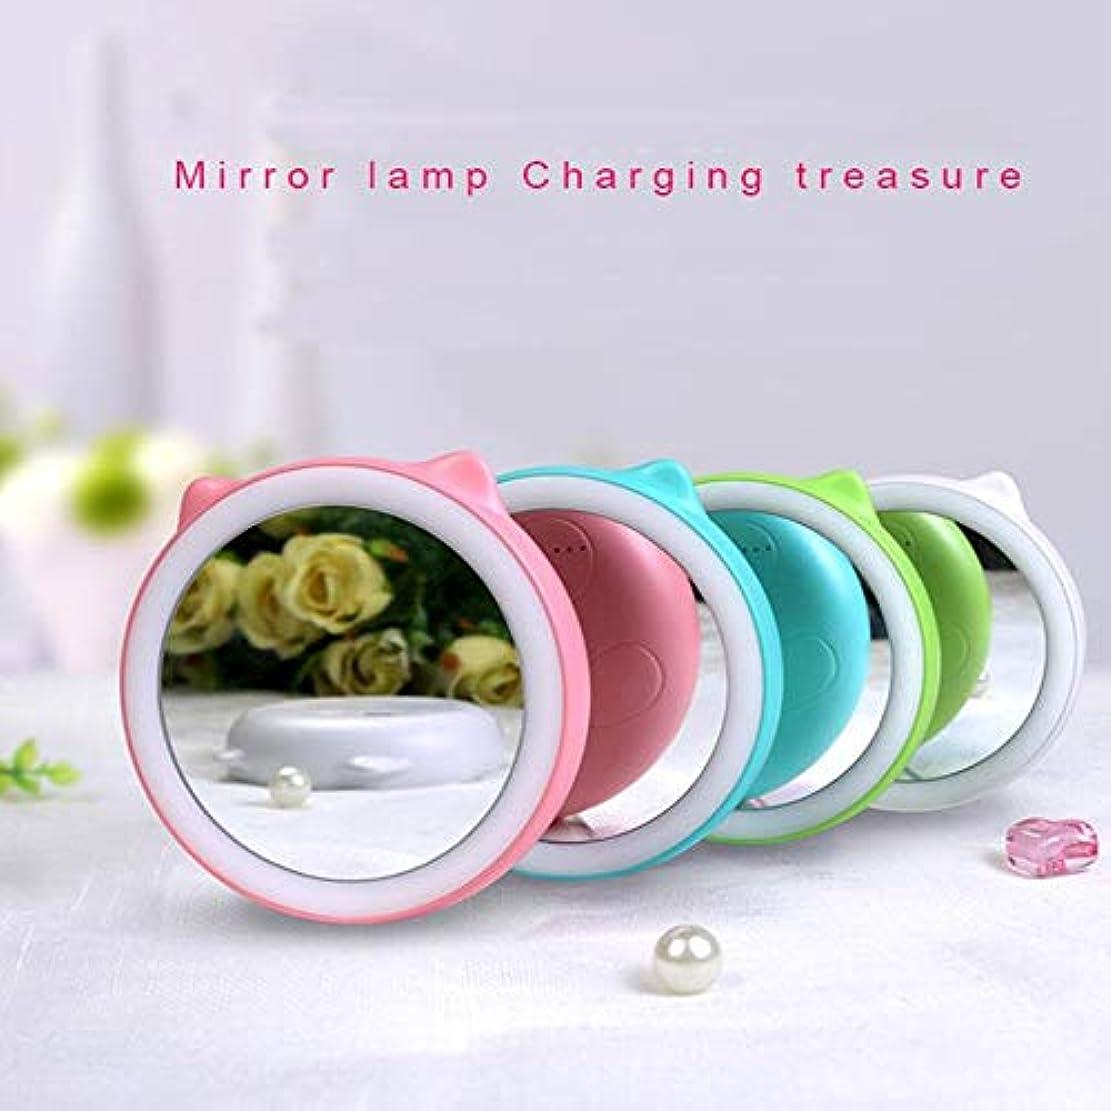 コンピューター反動アイロニー流行の ポータブルLED化粧鏡充電宝物充填光鏡多機能タイミングデザイン美容鏡化粧鏡4ブルーグリーンピンクホワイト直径9センチ厚さ2センチ (色 : Pink)